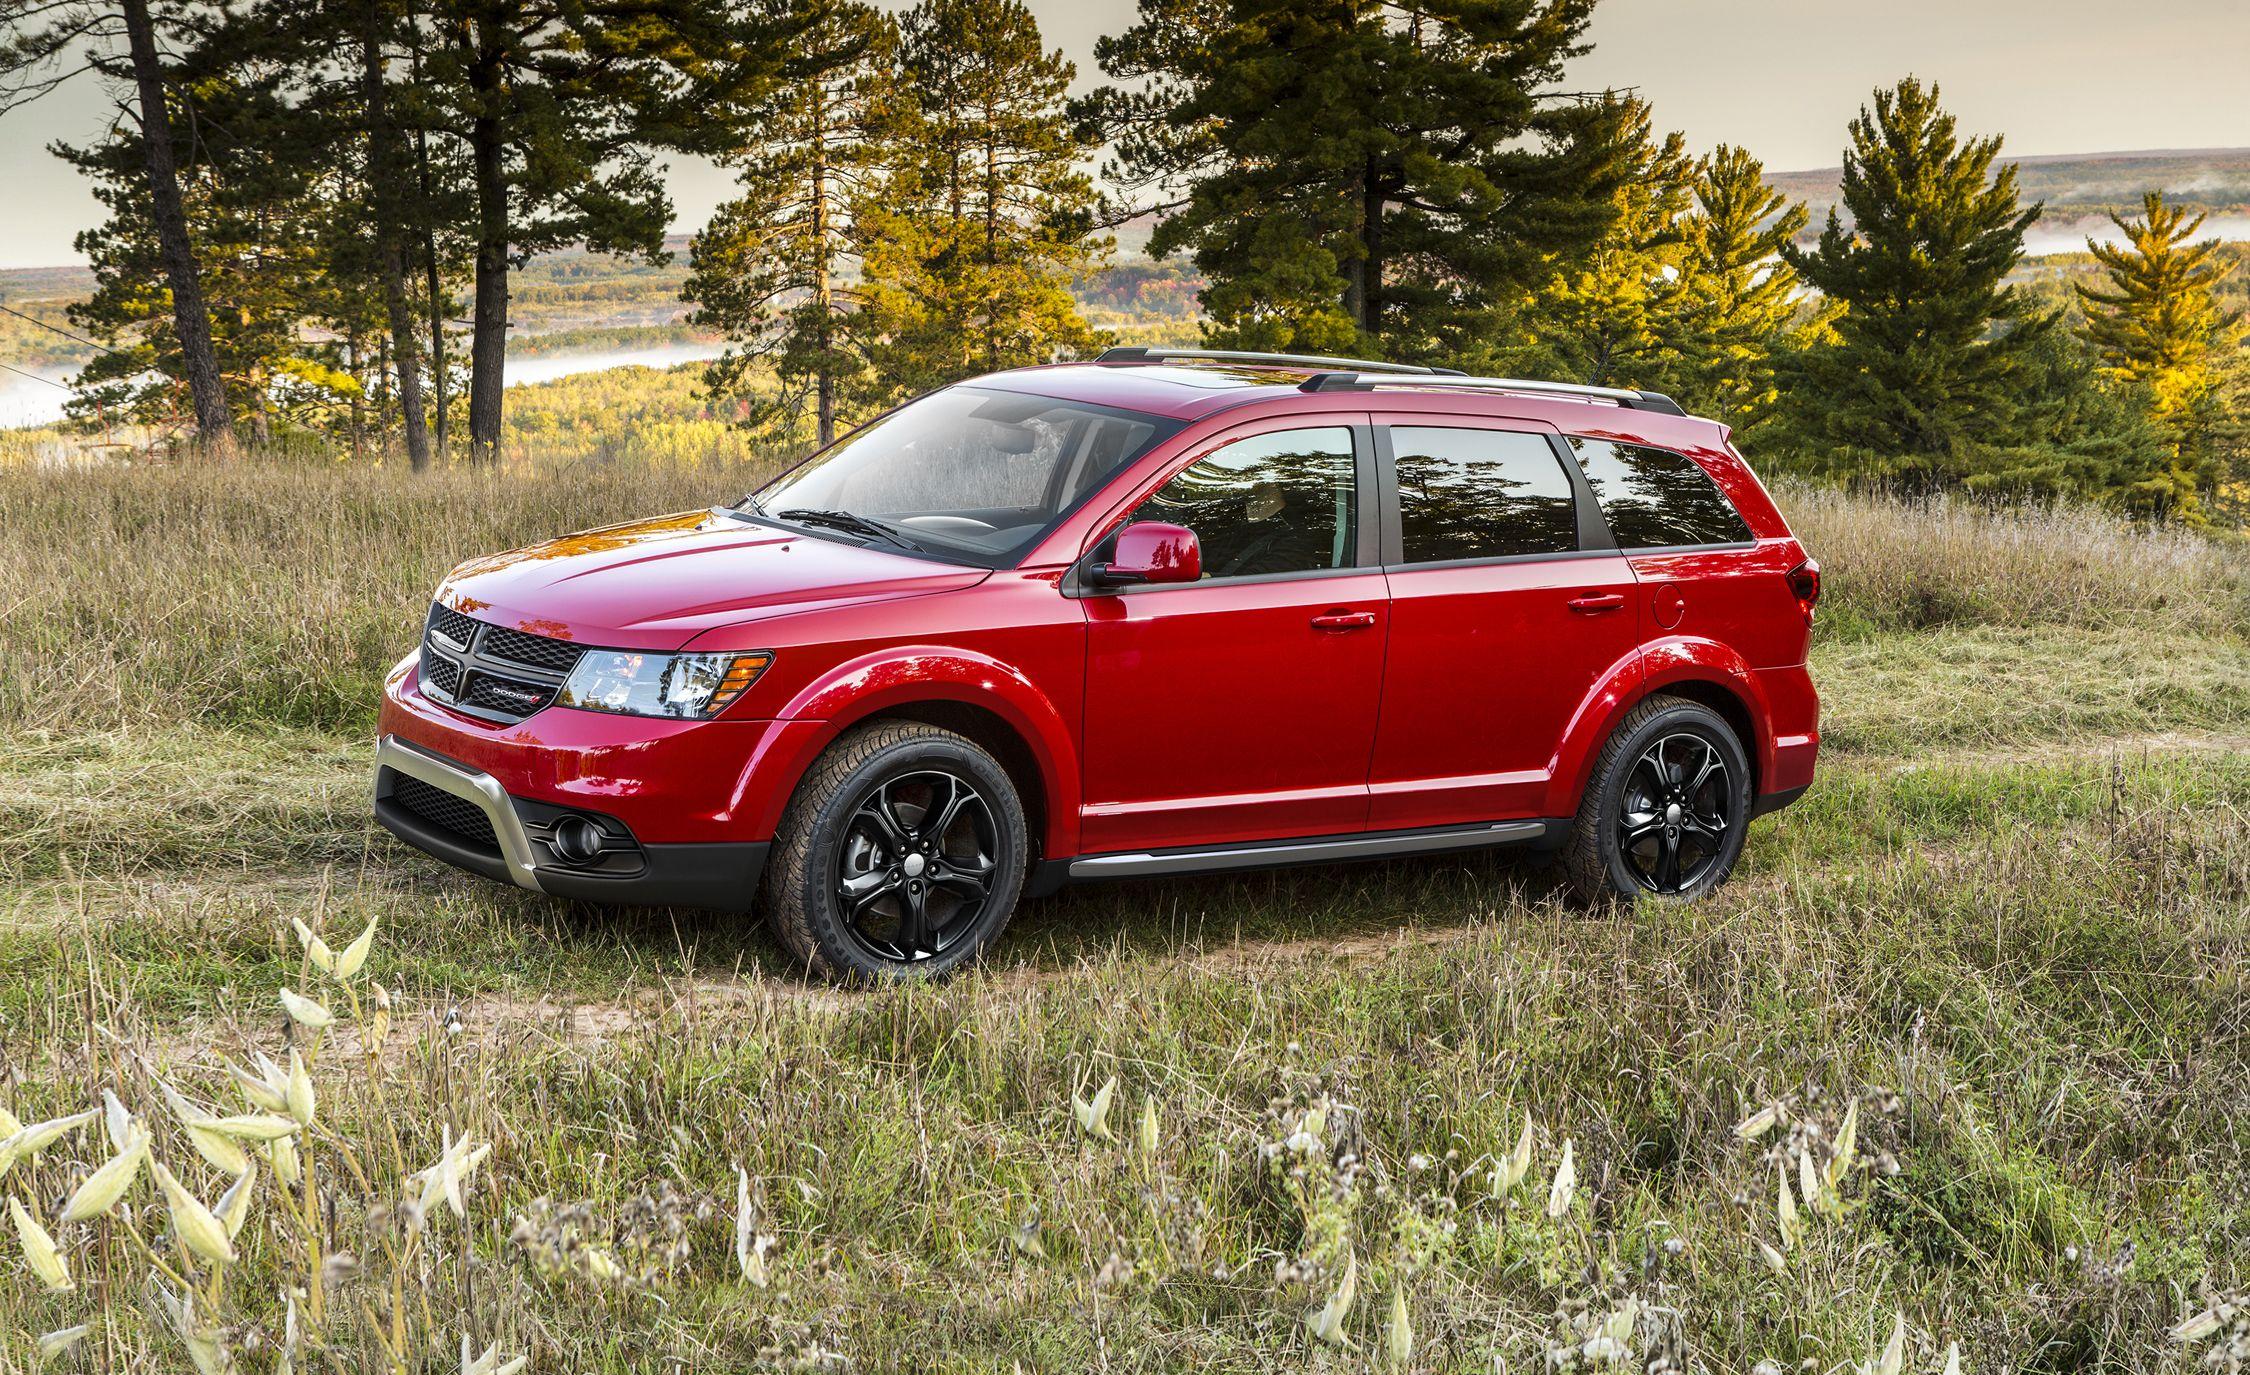 2017 Dodge Journey Fuel Economy Review